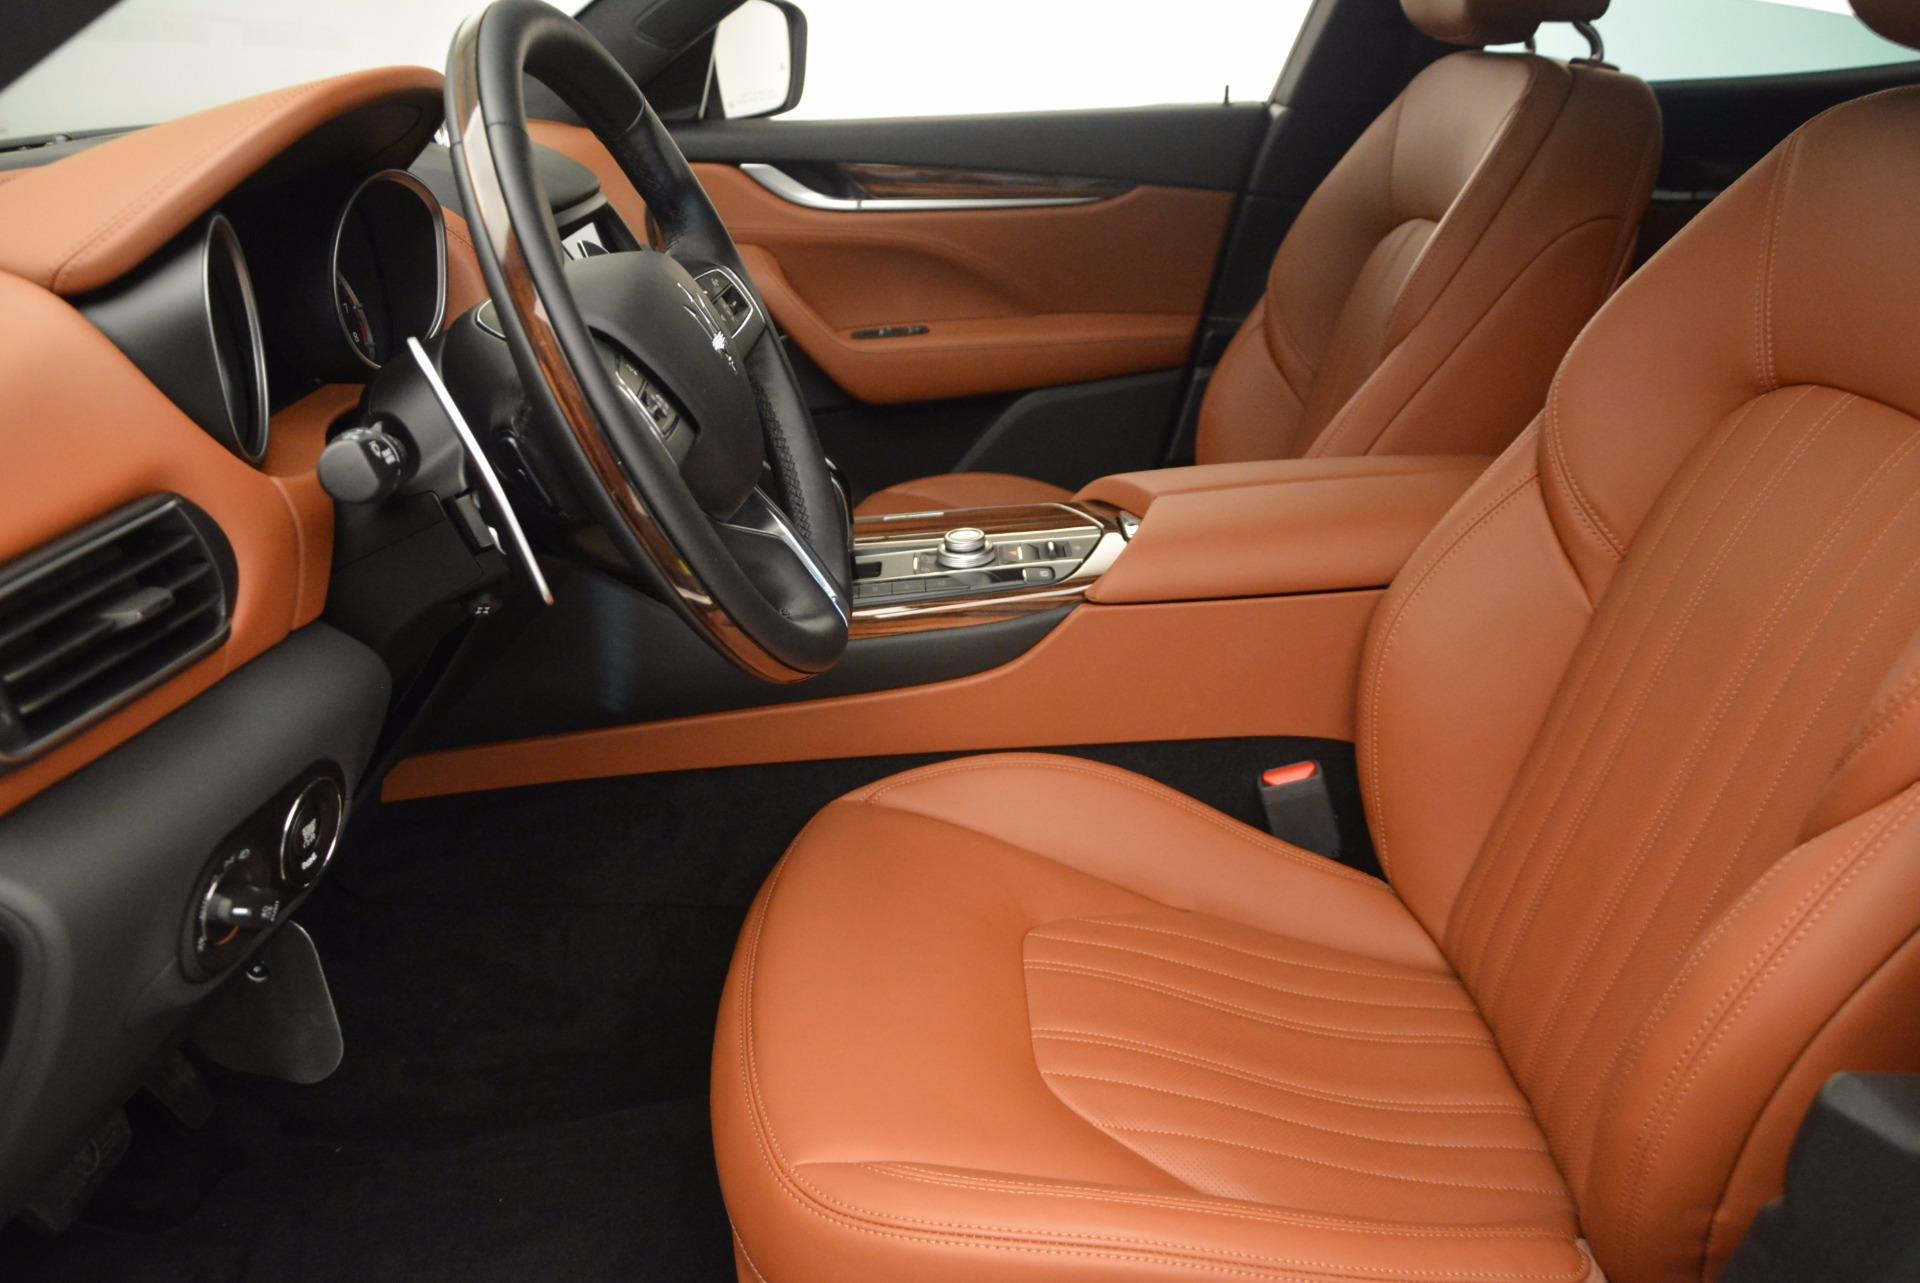 Used 2017 Maserati Levante S For Sale In Greenwich, CT 752_p20